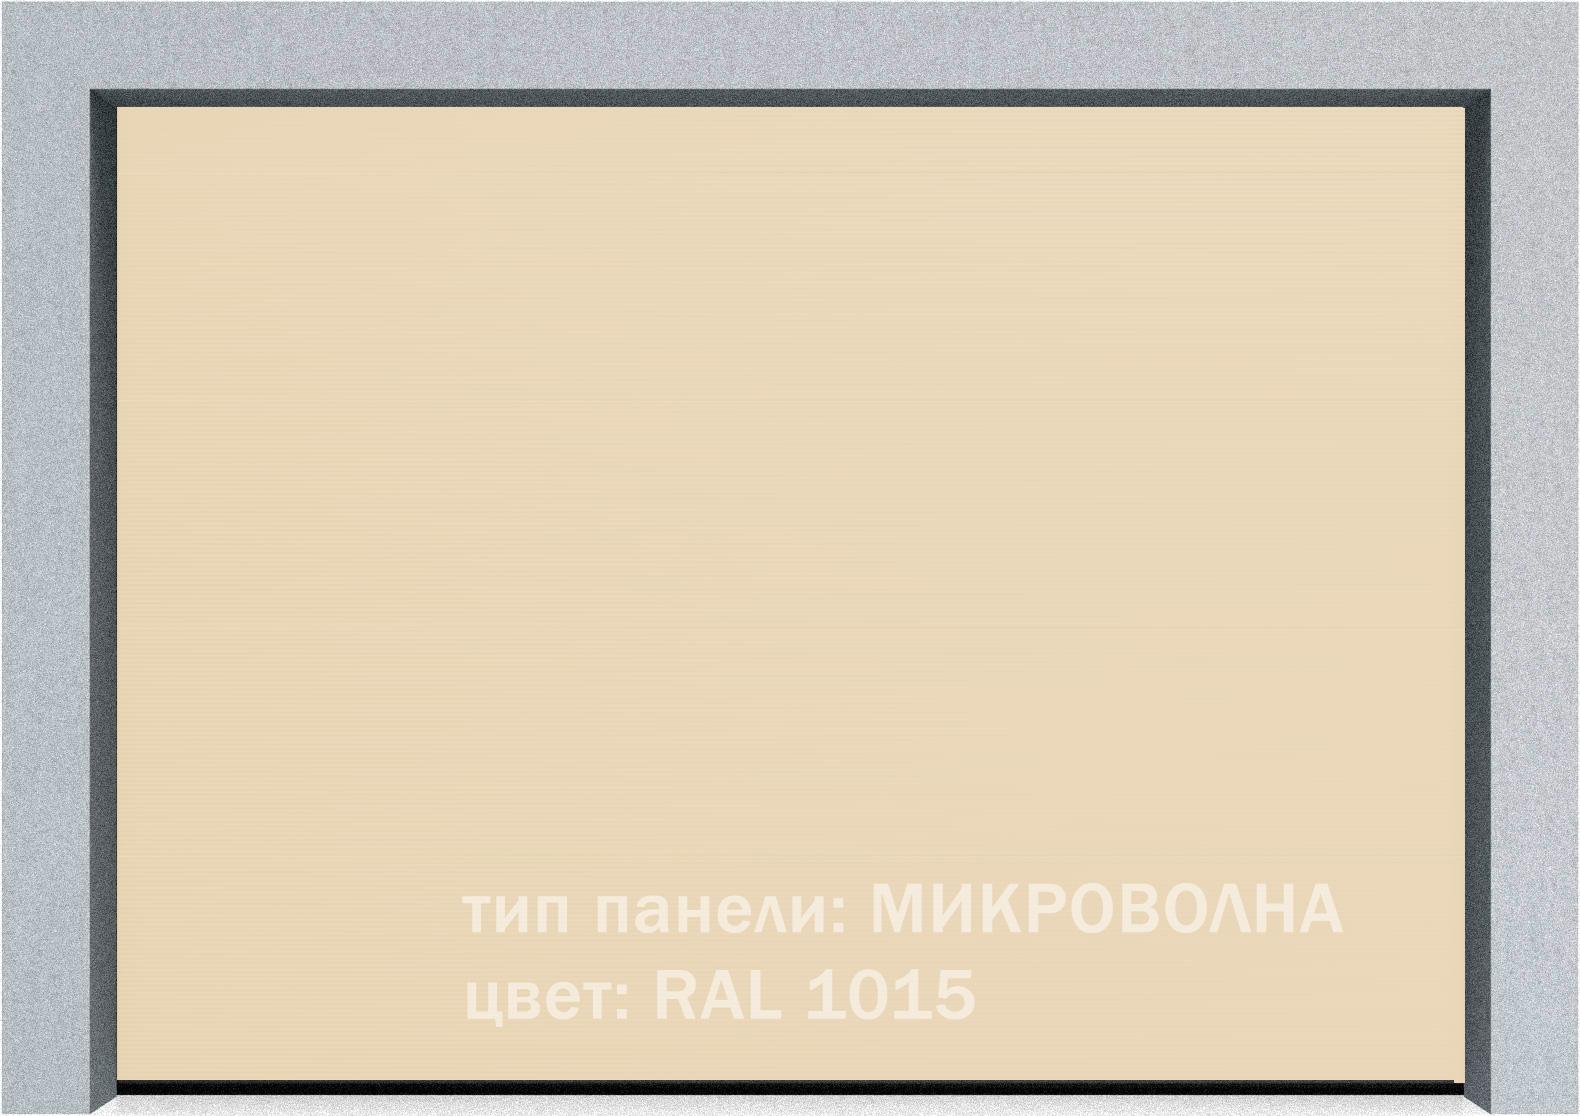 Секционные промышленные ворота Alutech ProTrend 1750х2500 S-гофр, Микроволна стандартные цвета, фото 14